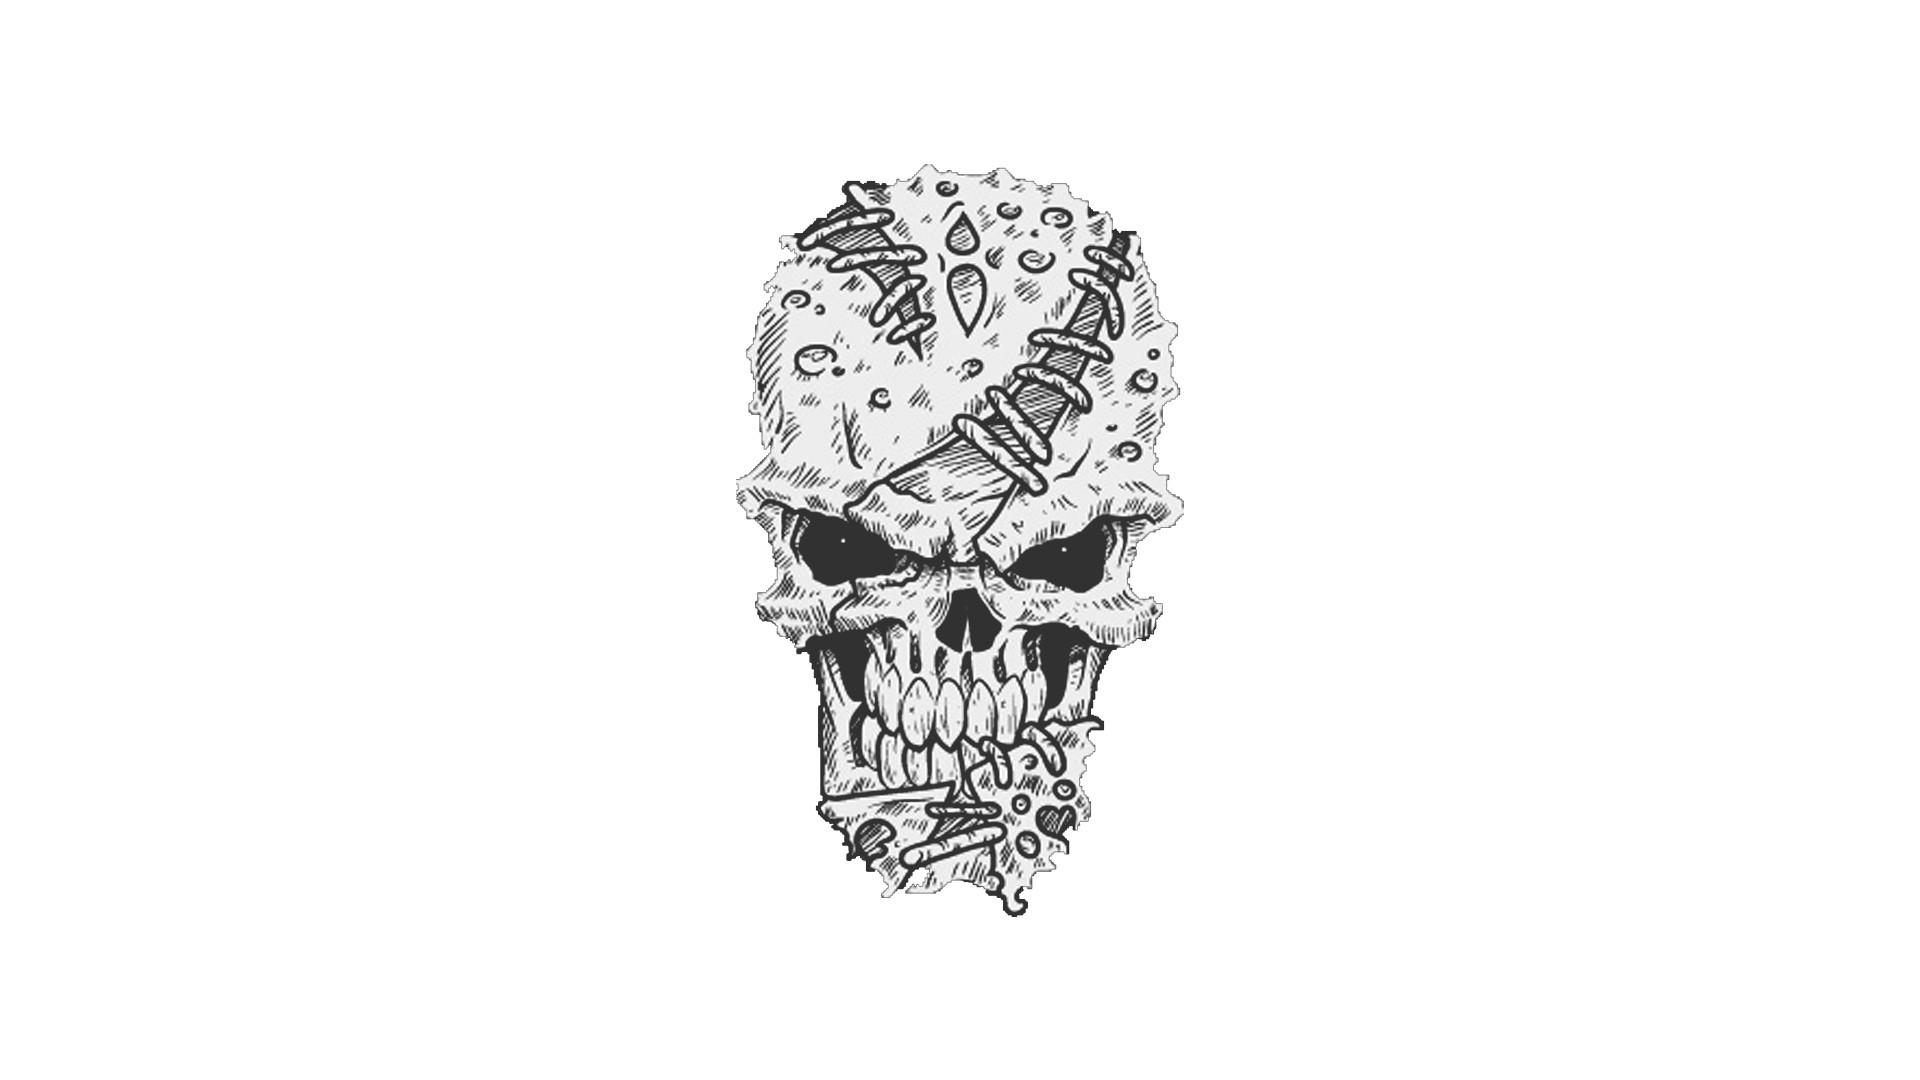 Hintergrundbilder : Zeichnung, Muster, Schädel, Hand, Flügel ...